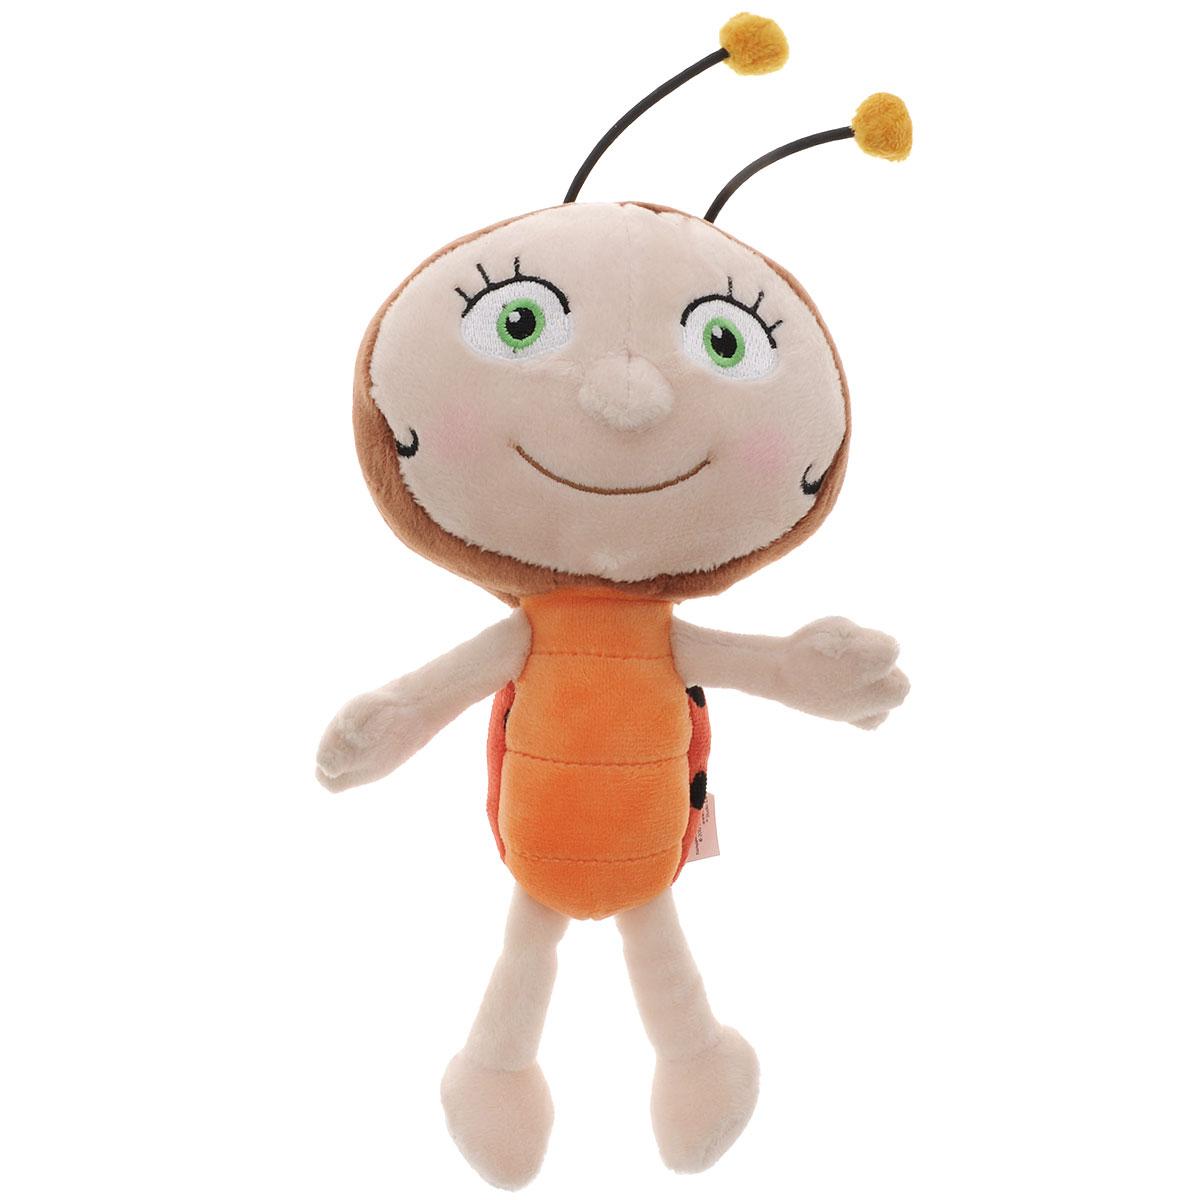 Игрушка мягкая Пчелка Майя Лара, цвет: бежевый, коричневый, 23 см. GT6454GT6454Мягкая игрушка Лара выполнена очень качественно и реалистично, очень приятная на ощупь. Понравится маленьким любителям известного мультфильма Приключения пчелки Майи. Игрушка русифицирована, Лара поет песенку из мультфильма и говорит 7 фраз. Для работы игрушки необходимы 2 батарейки типа АА (входят в комплект).